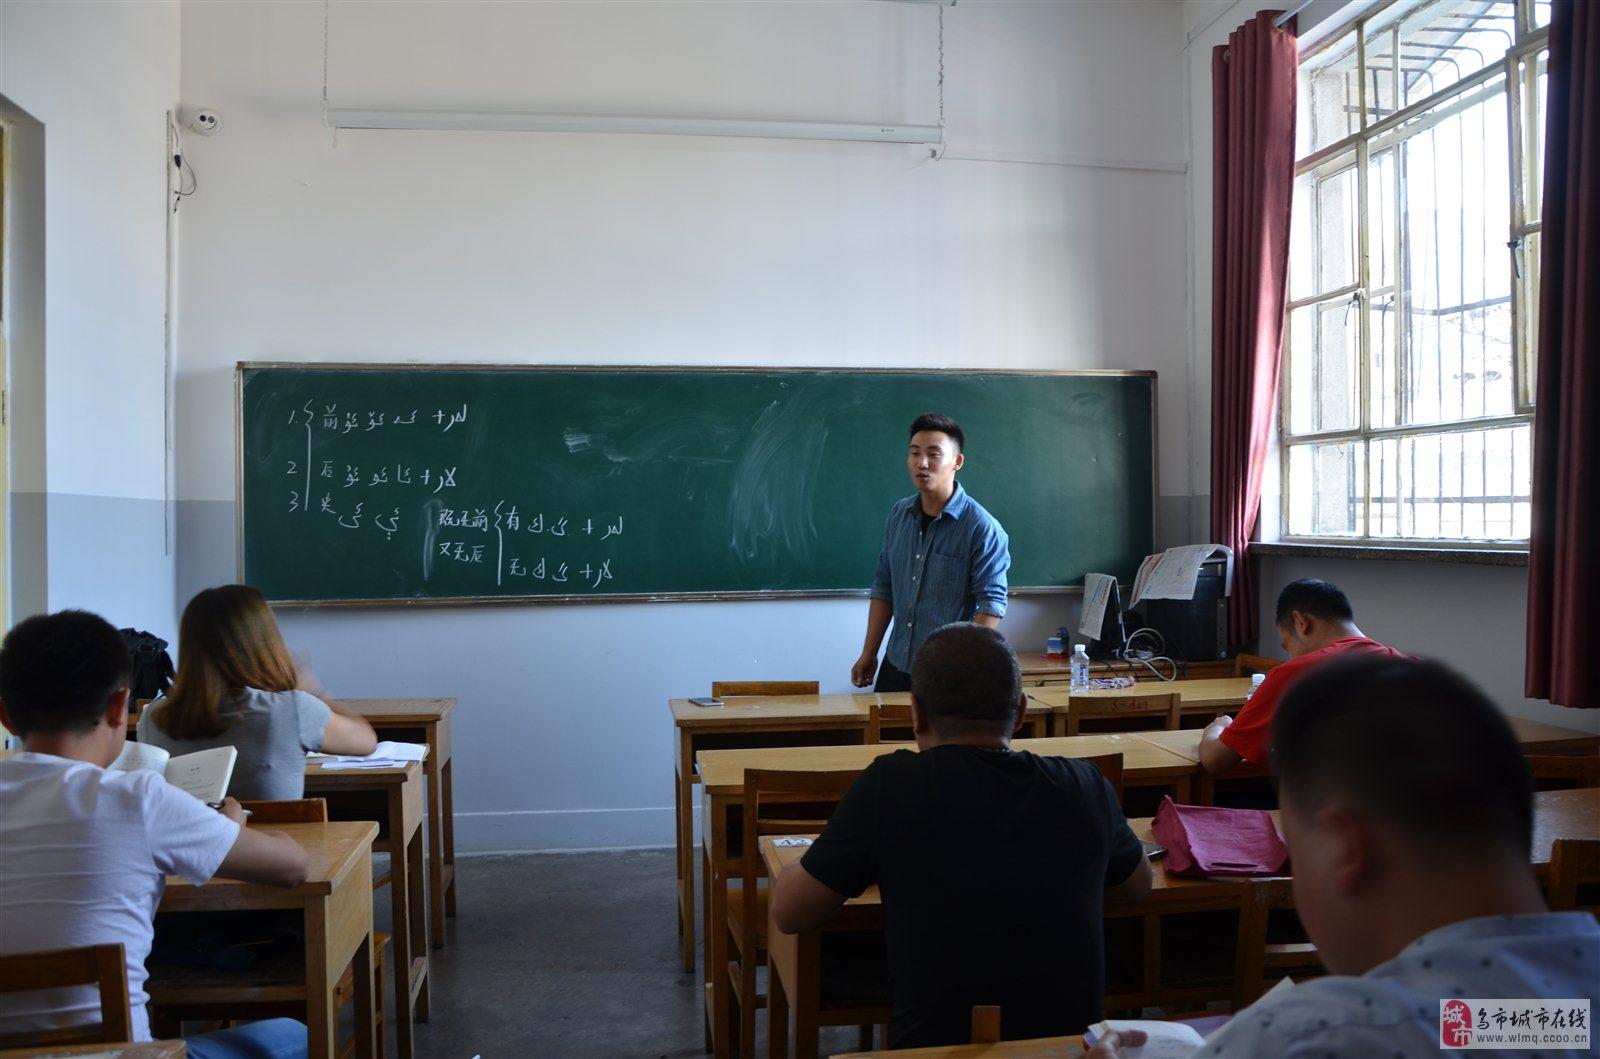 新疆维吾尔语学习乌鲁木齐维语培训